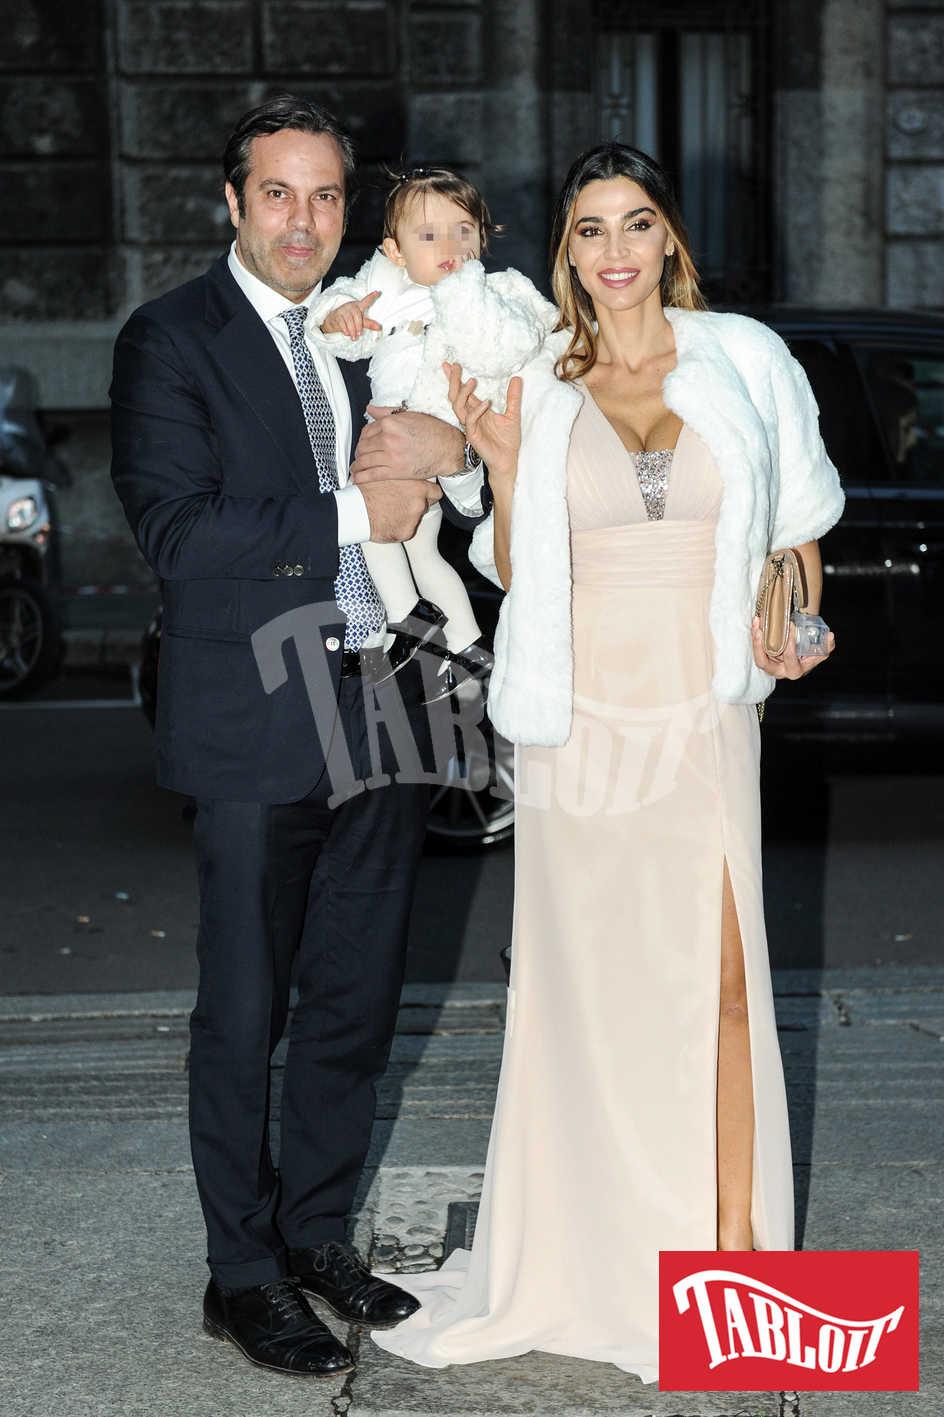 Cecilia Capriotti e Gianluca Mobilia insieme alla loroc figlia Maria Isabelle